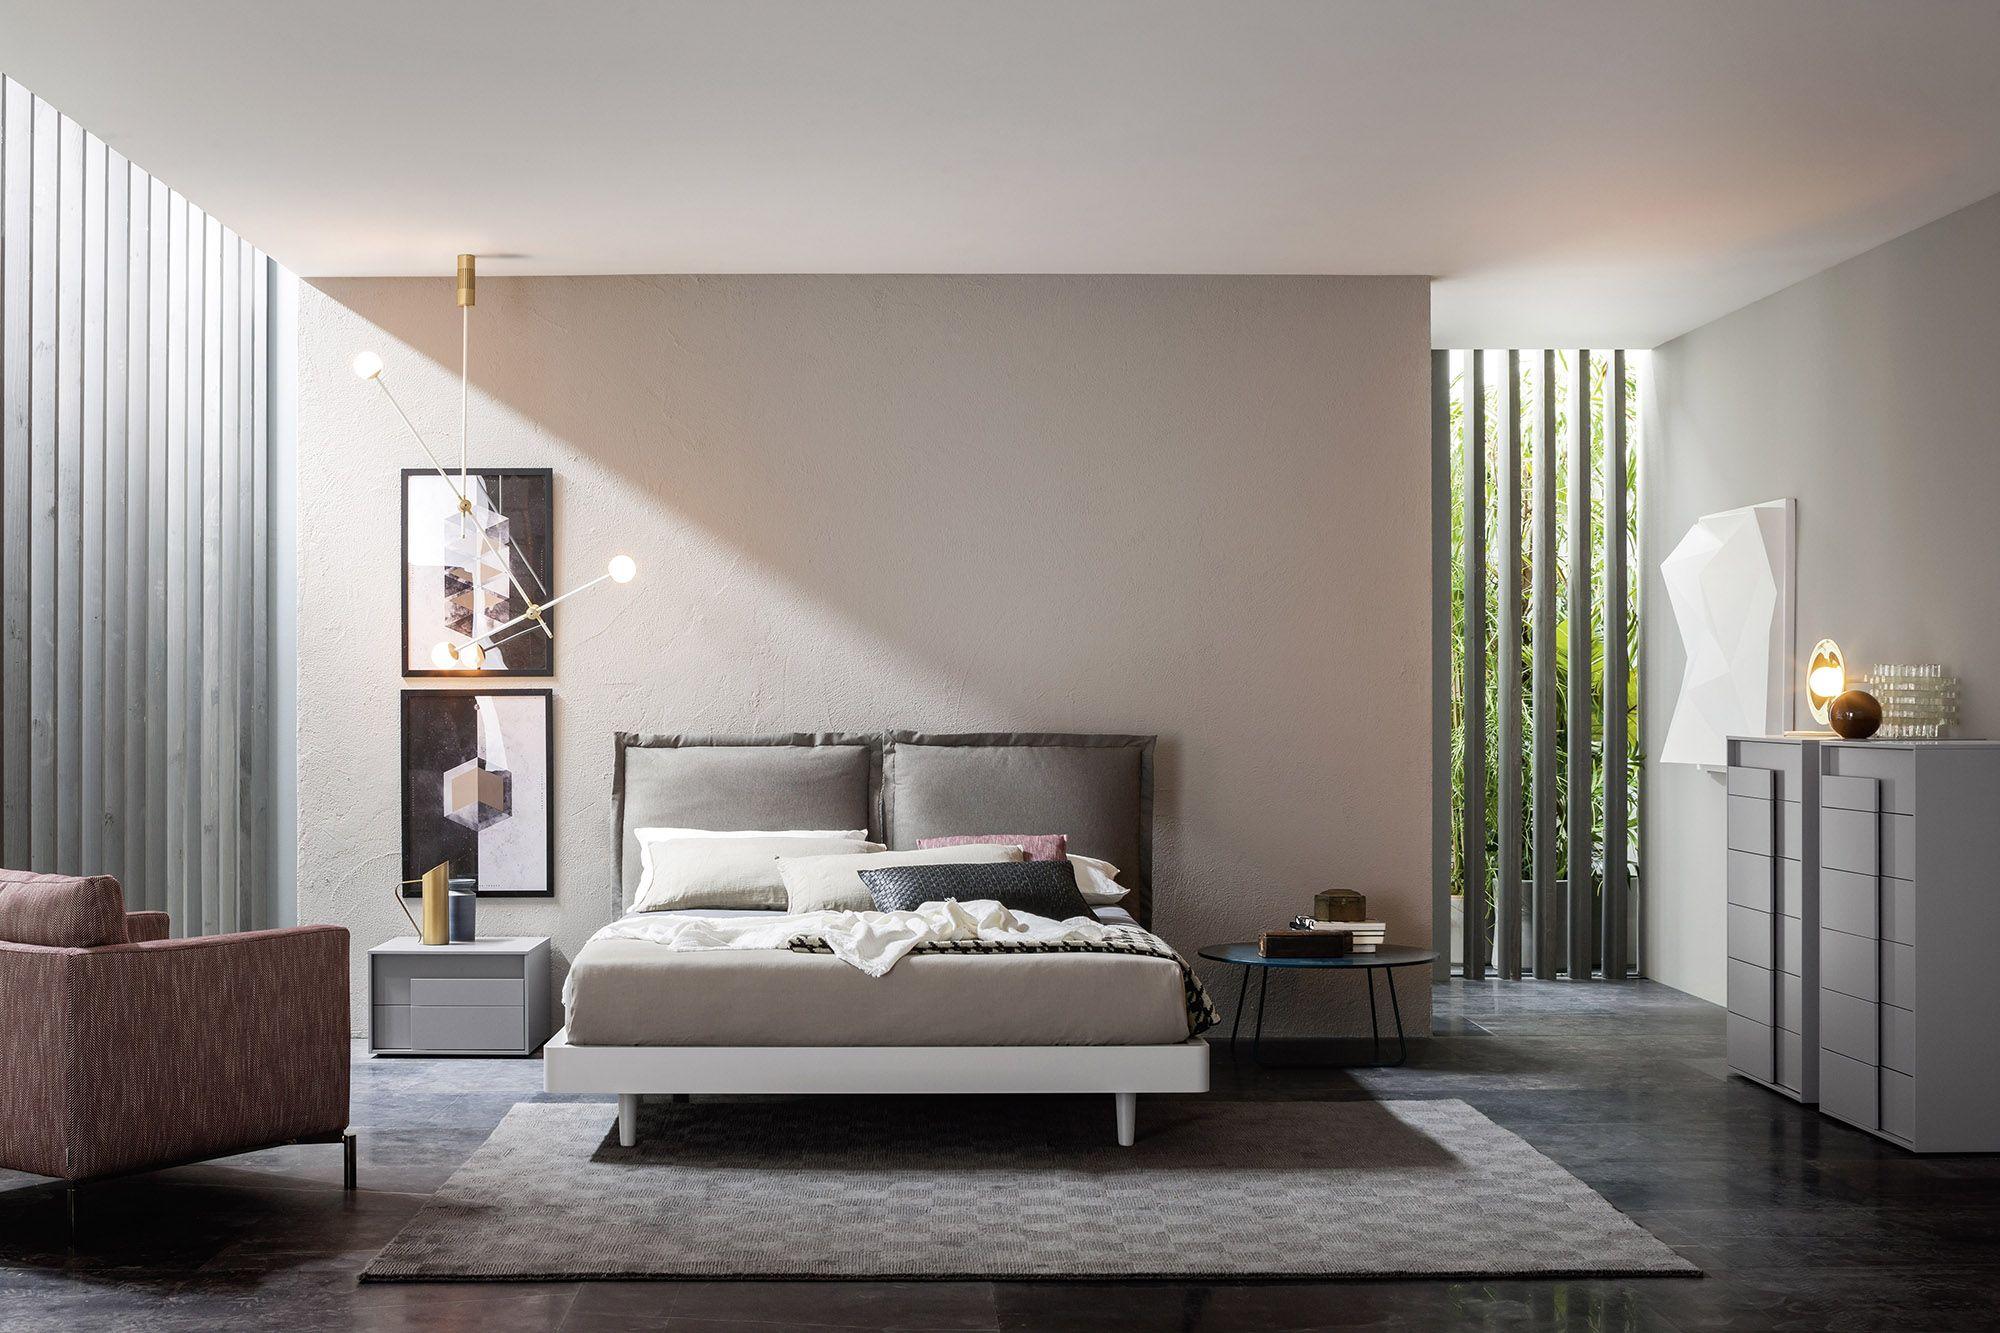 Full Size of Schlafzimmer Komplett Modern Weiss Luxus Massiv Set Livarea Bed Design Bett 180x200 Mit Lattenrost Und Matratze Moderne Bilder Fürs Wohnzimmer Truhe Wohnzimmer Schlafzimmer Komplett Modern